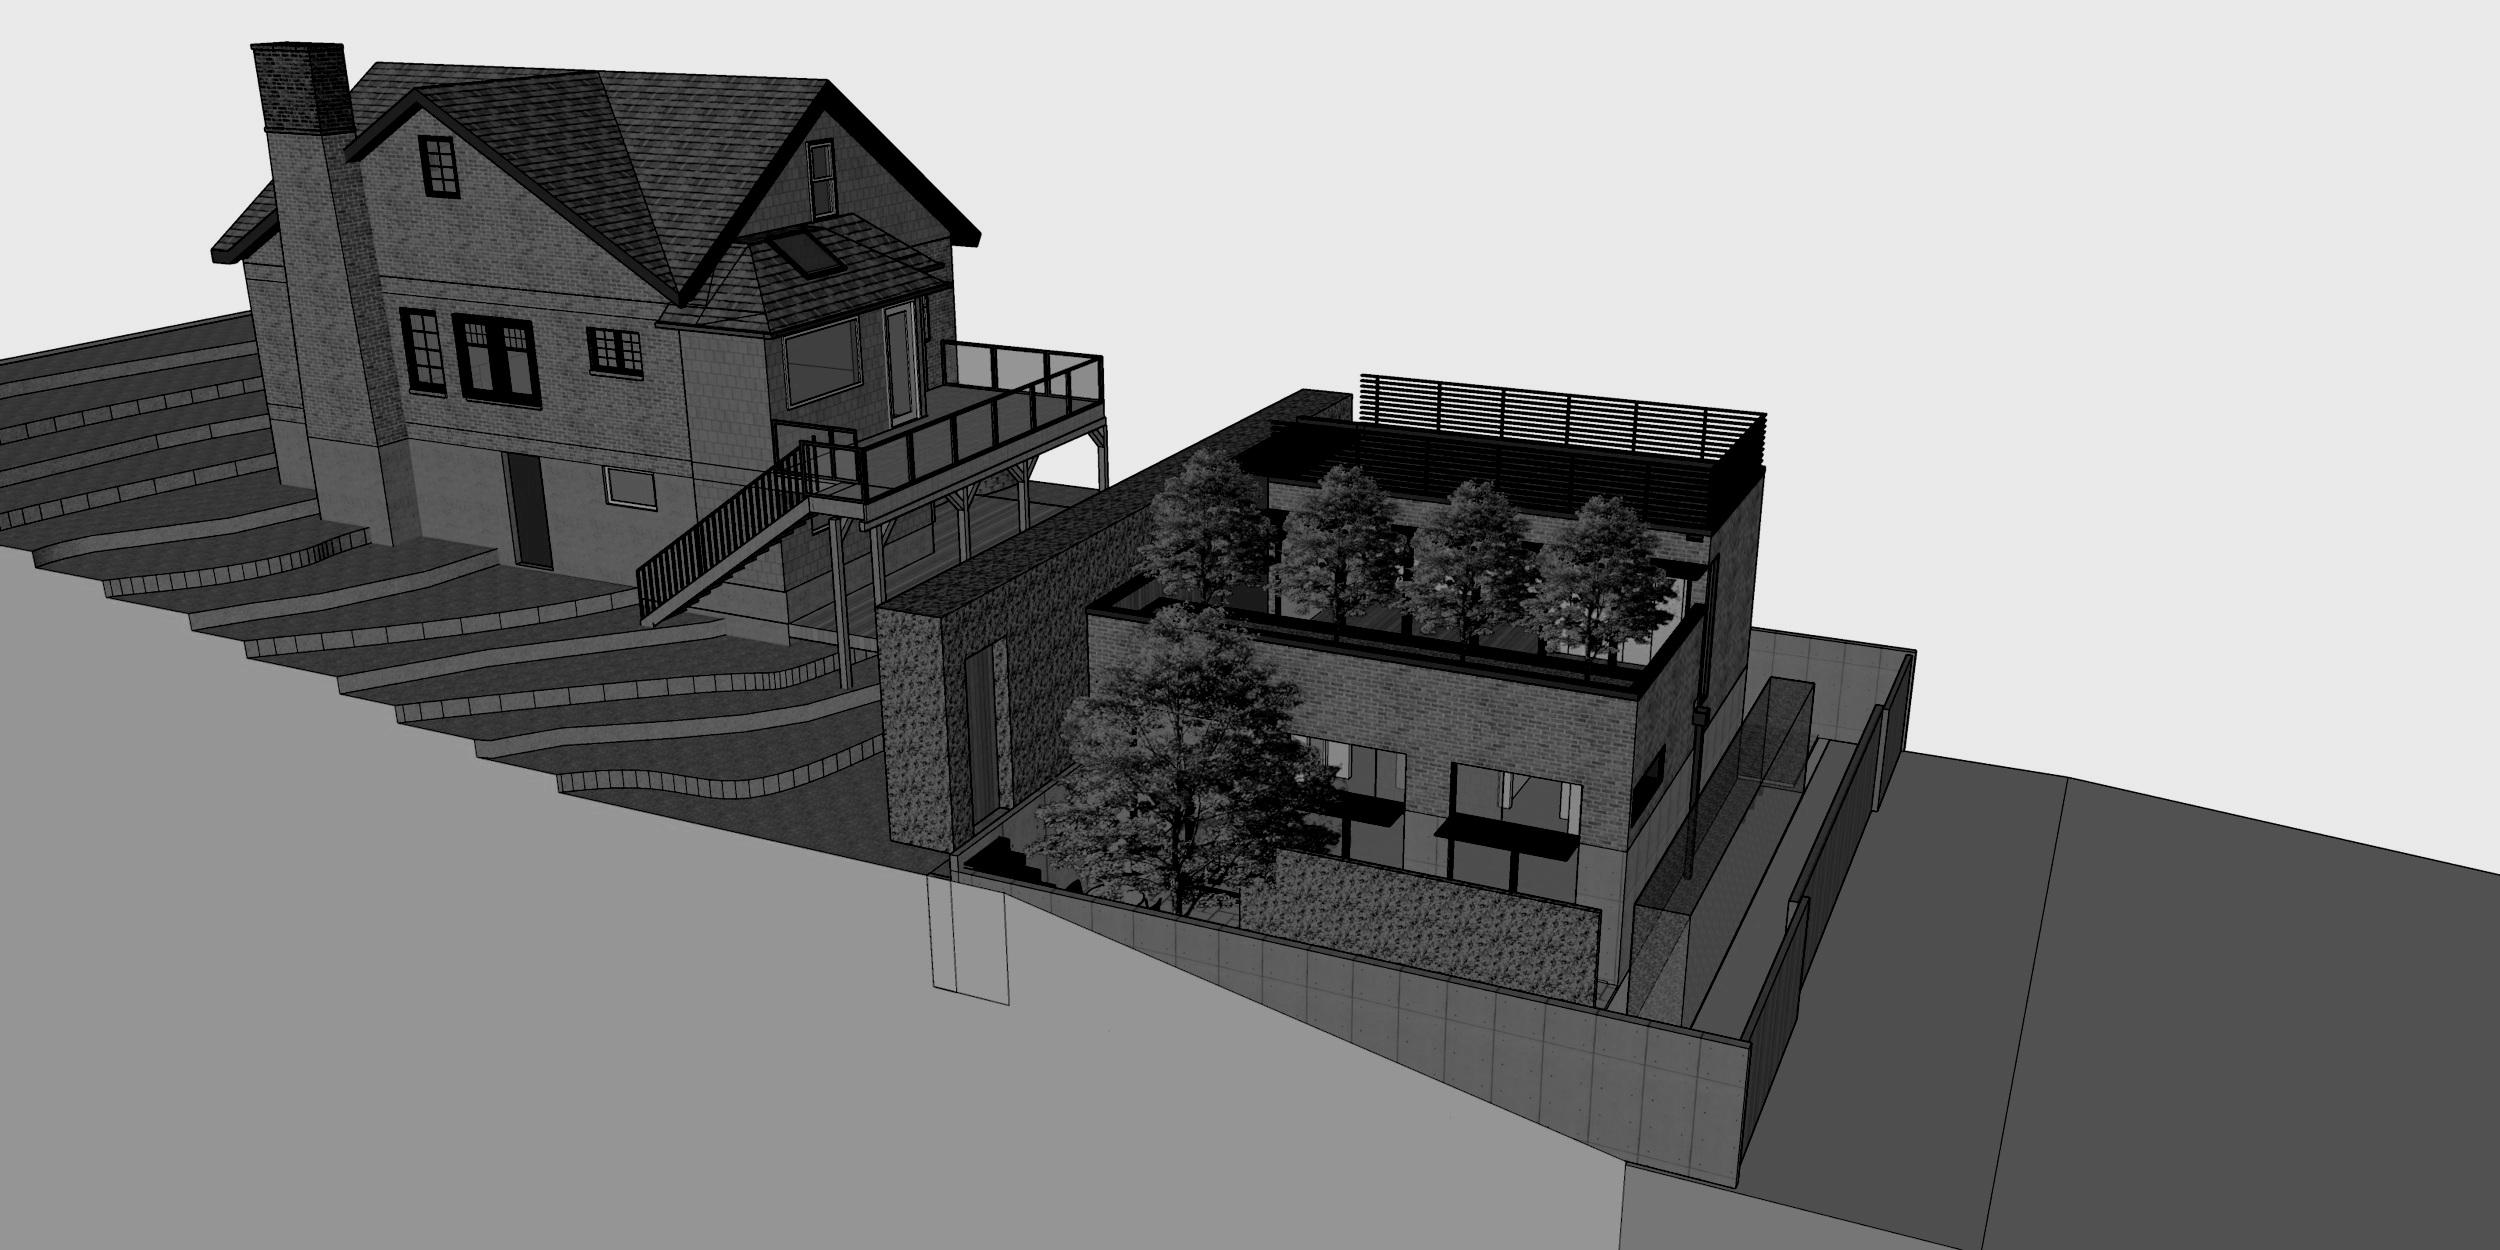 MAGNOLIA DADU - phase : schematic design